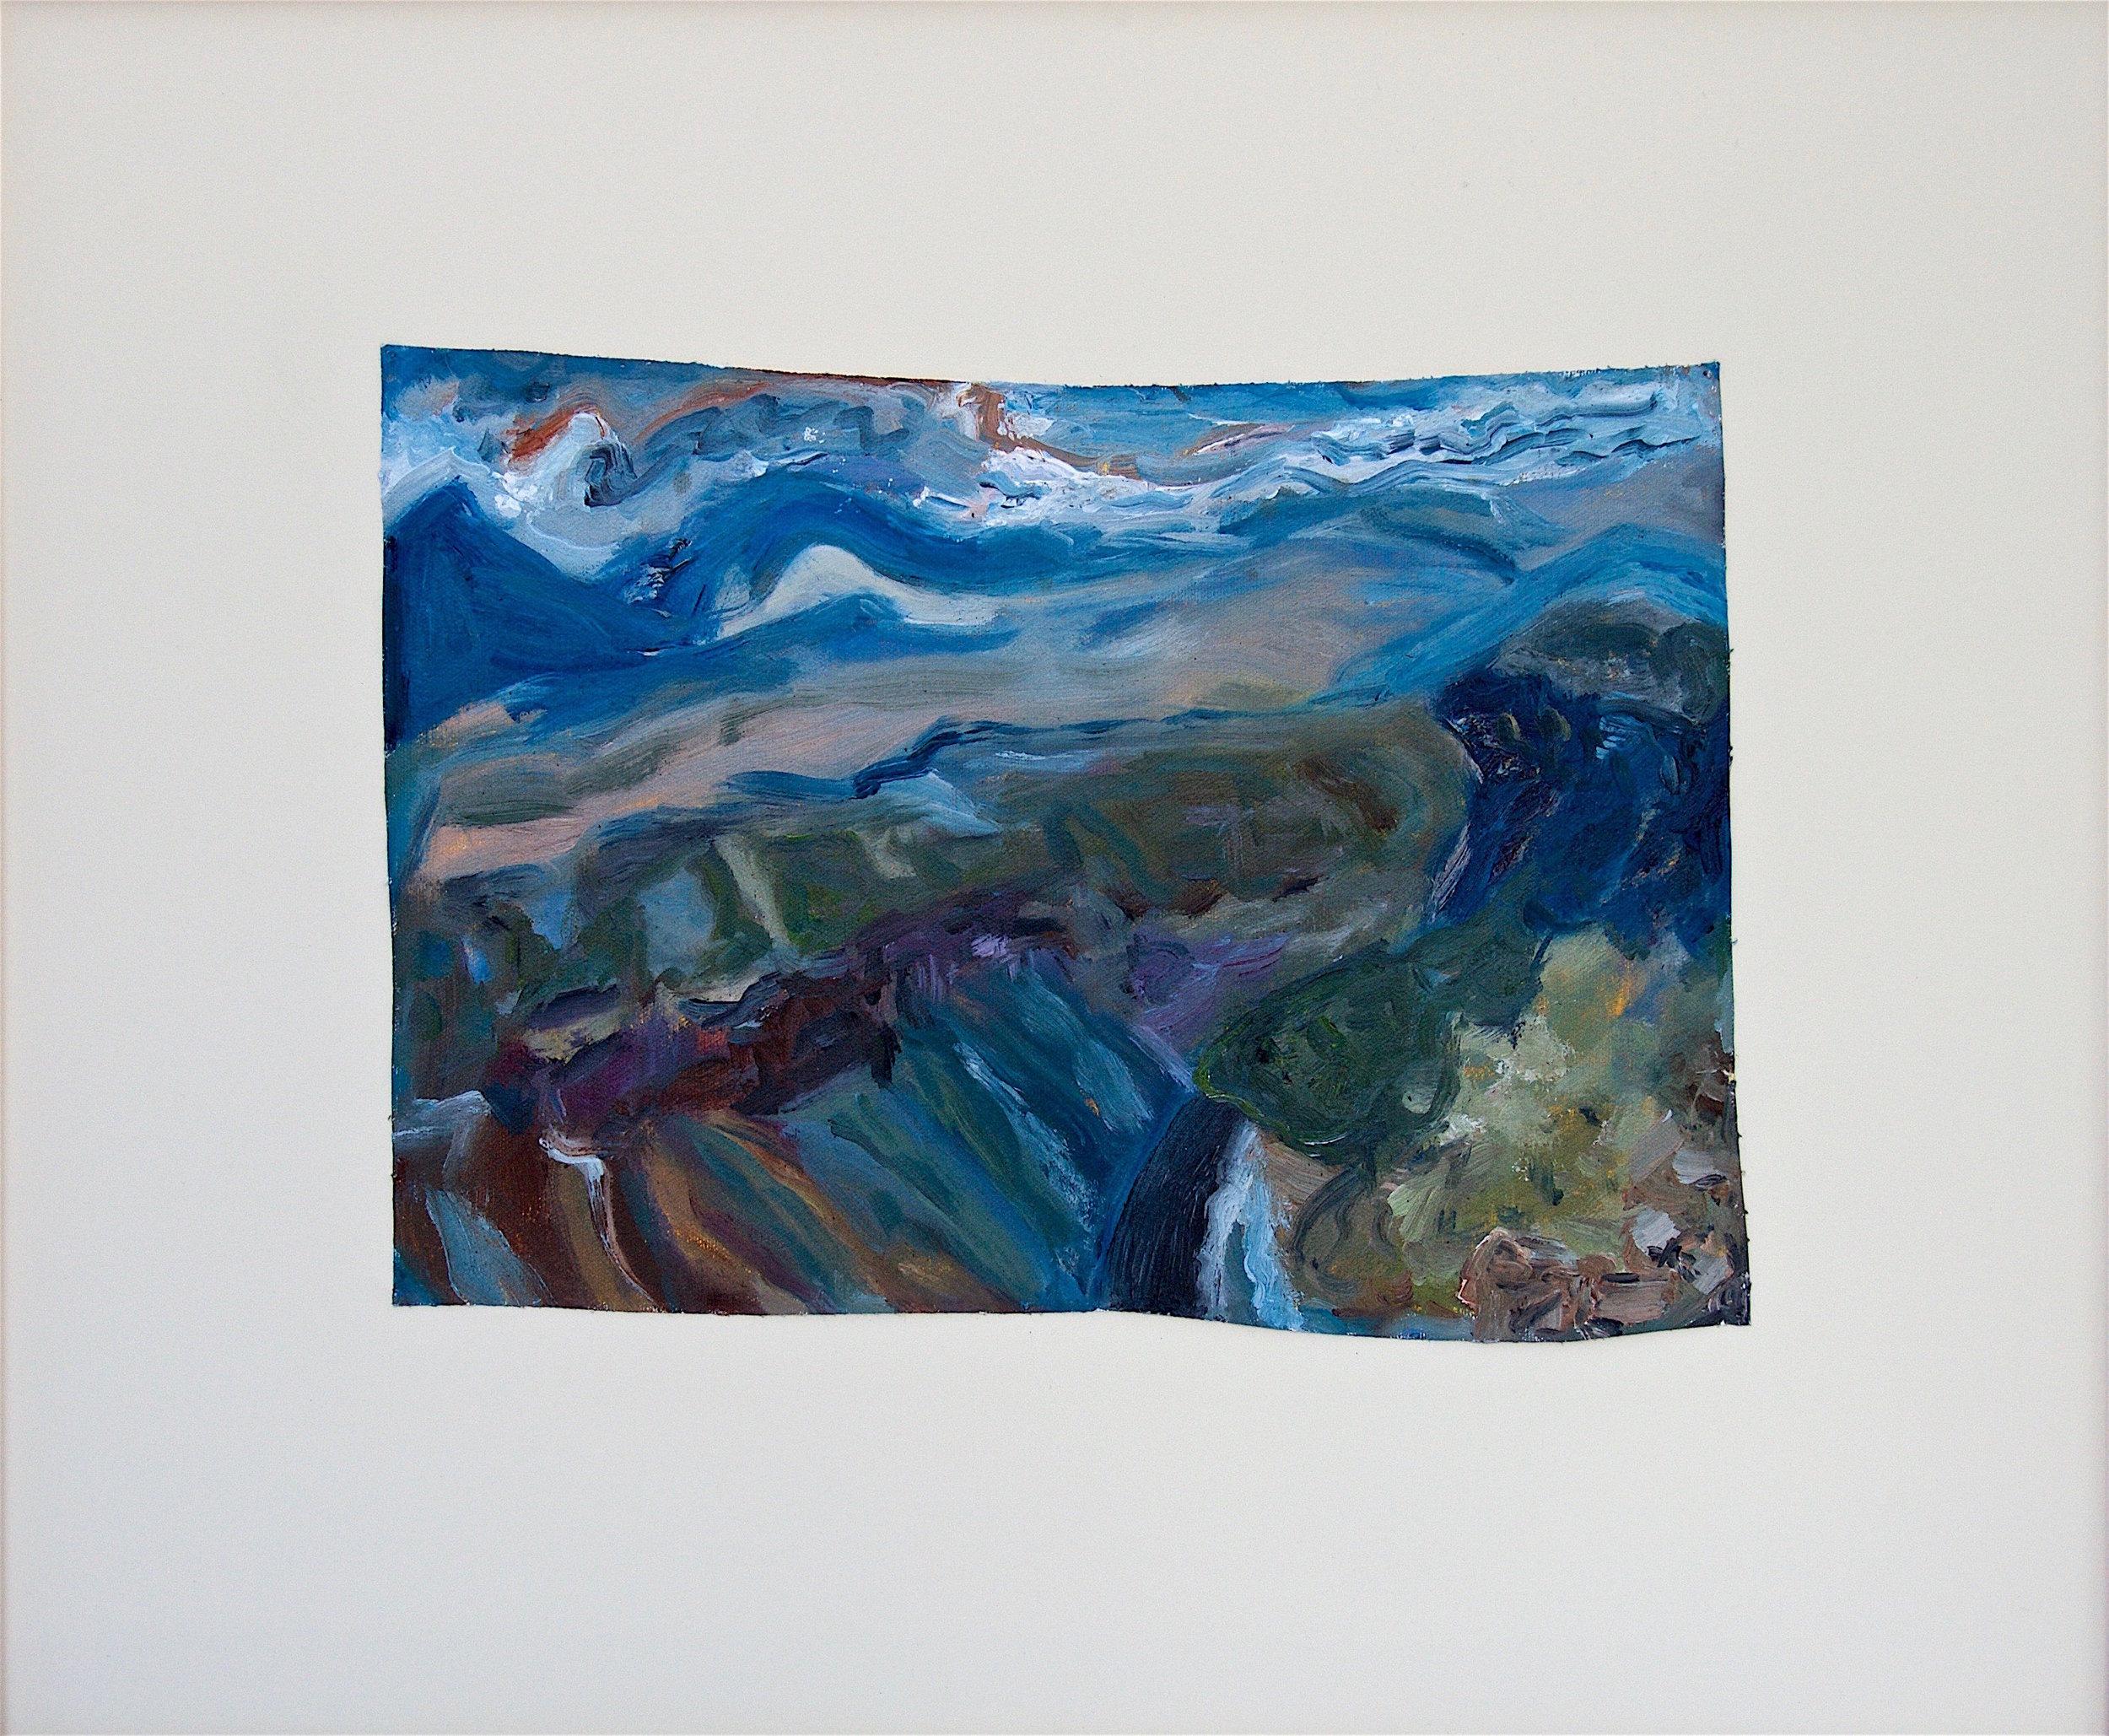 Rio Grande Gorge I